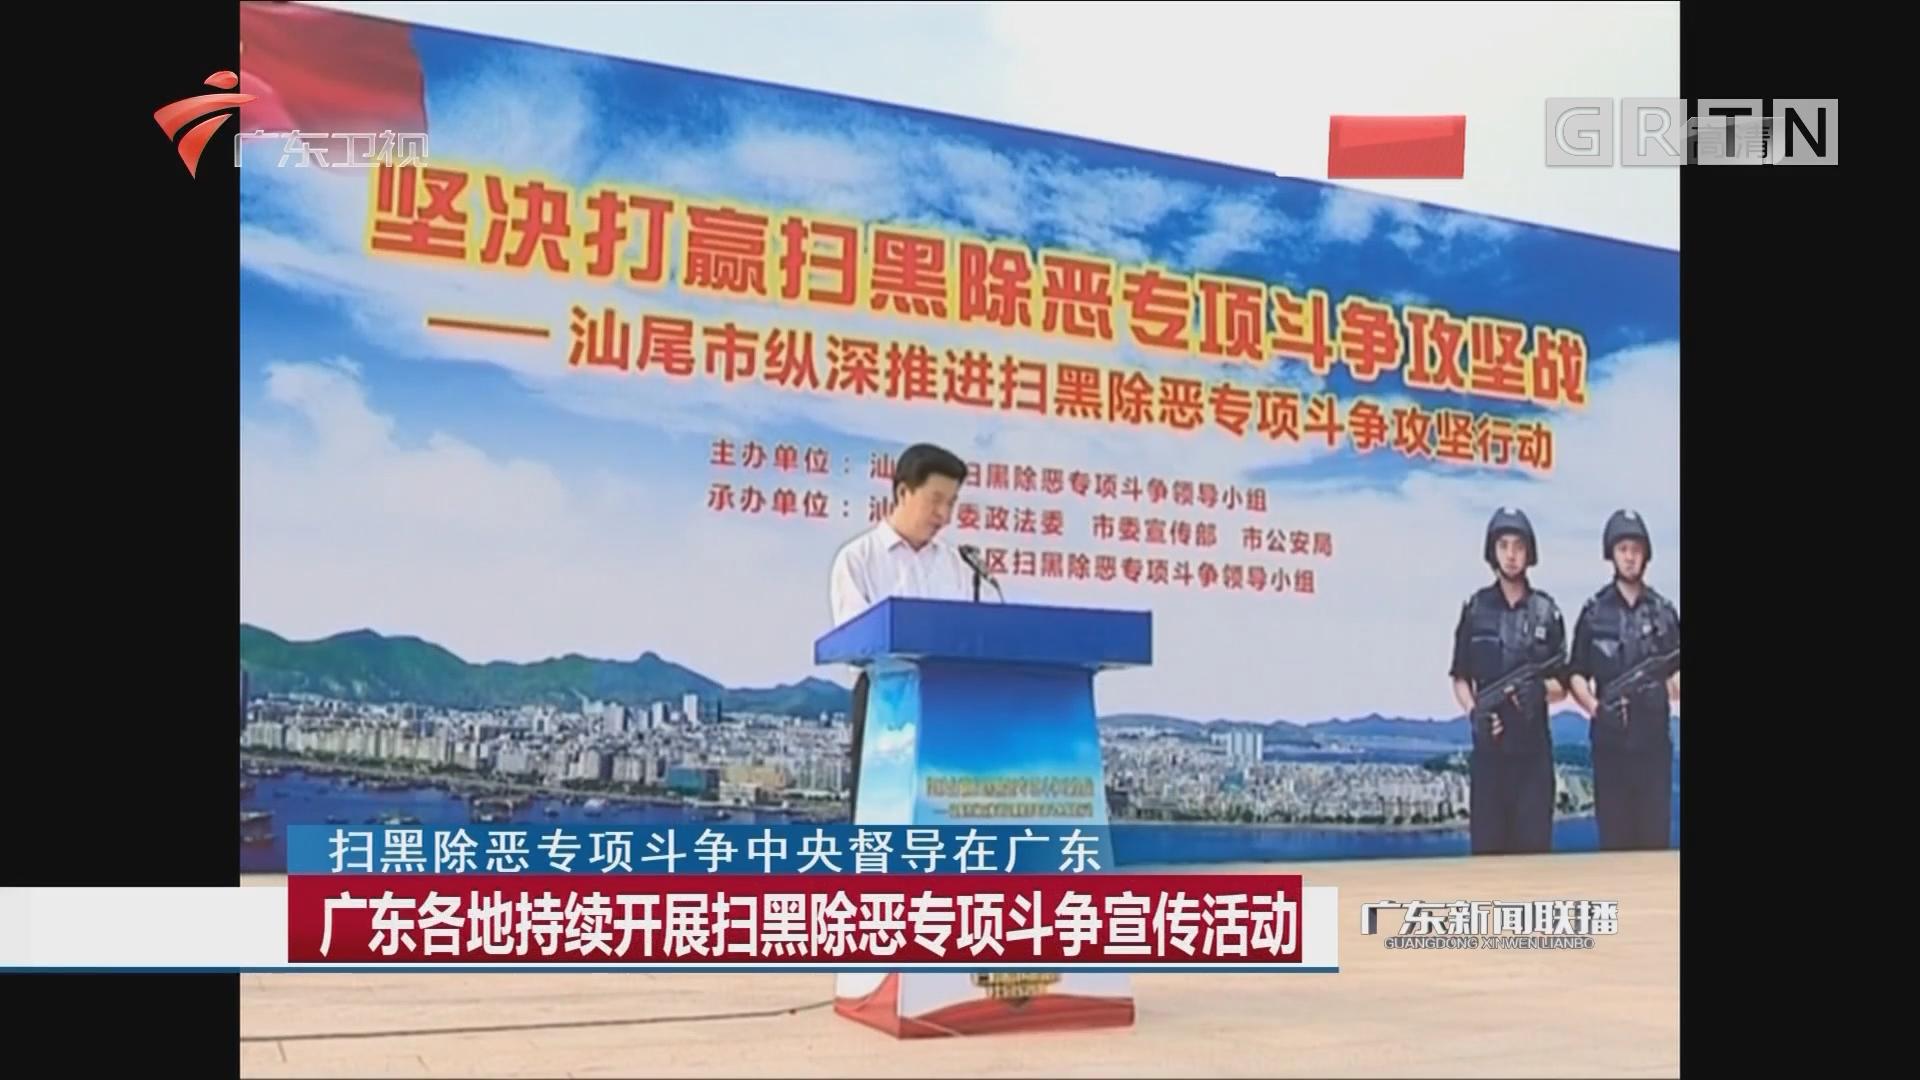 广东各地持续开展扫黑除恶专项斗争宣传活动